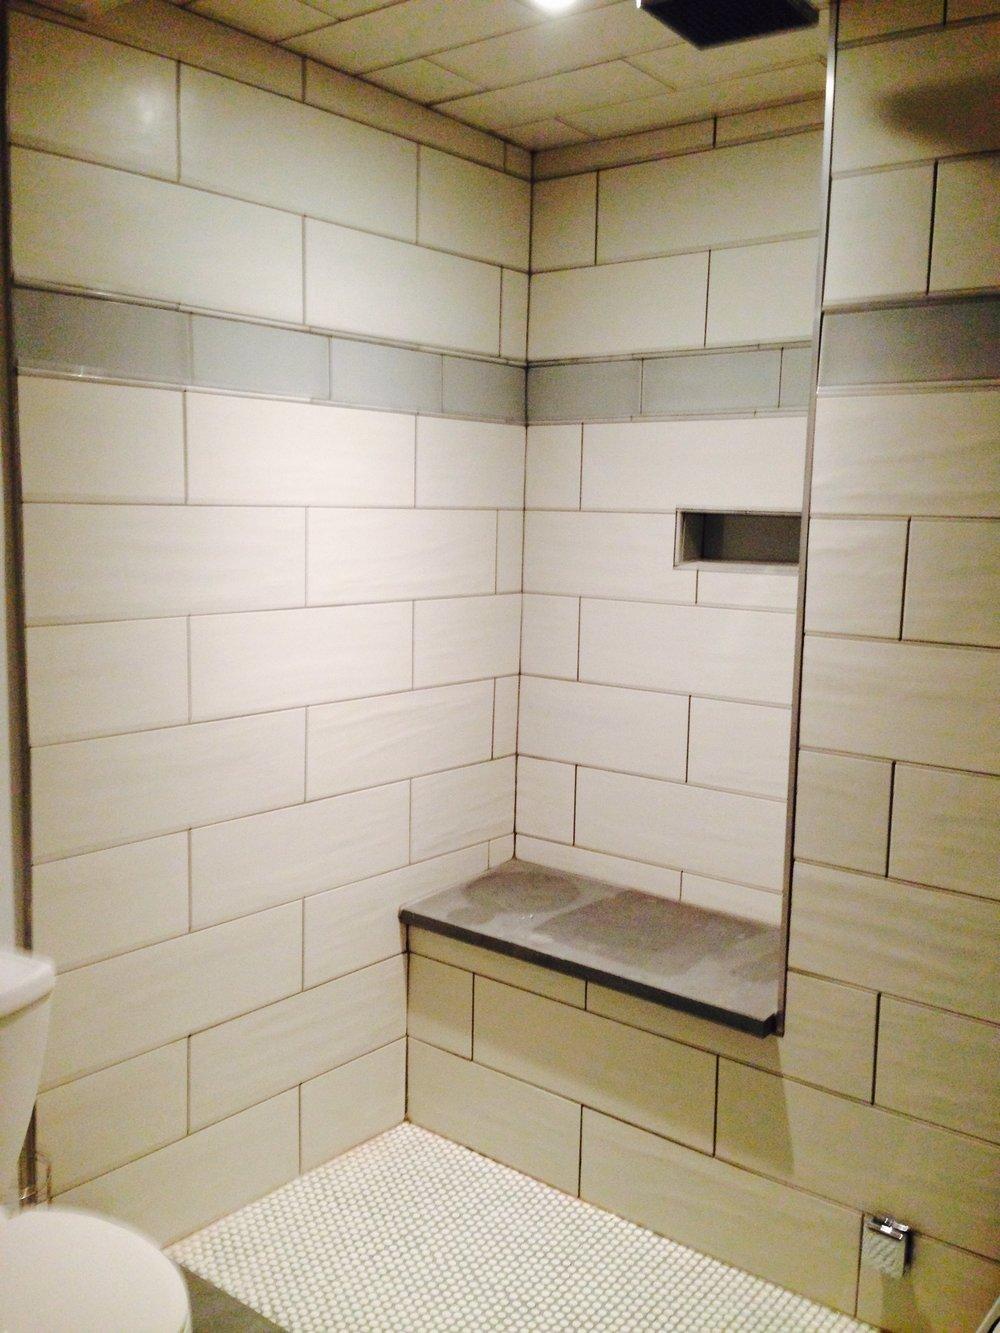 2b-LL-Bathroom-After.jpg